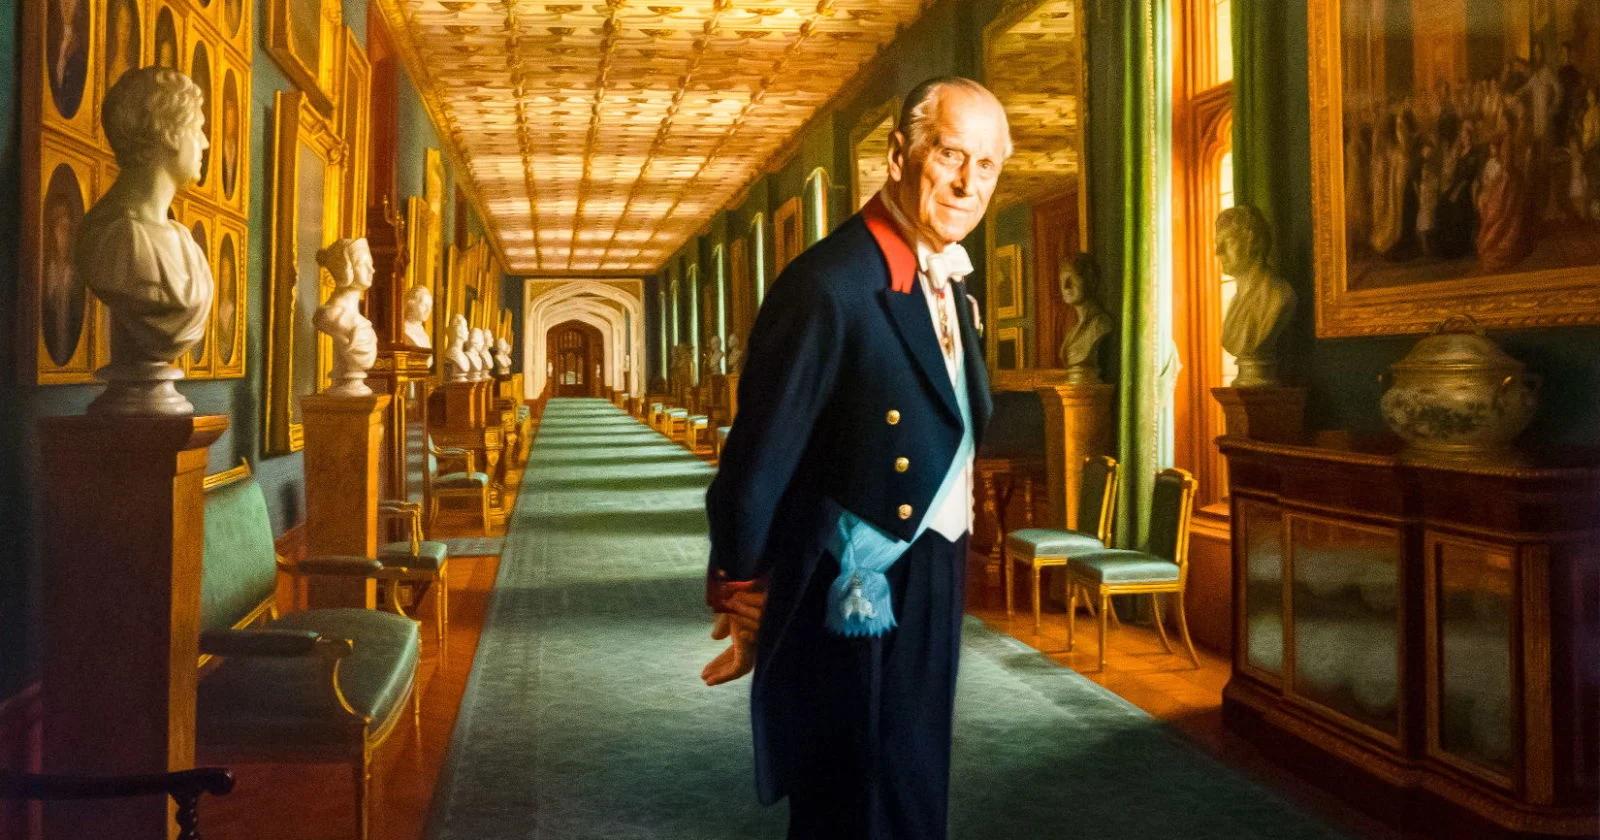 Этот портрет получил в своё время одновременно и похвала, и критику — некоторые посчитали, что принц выглядит здесь как дворецкий !